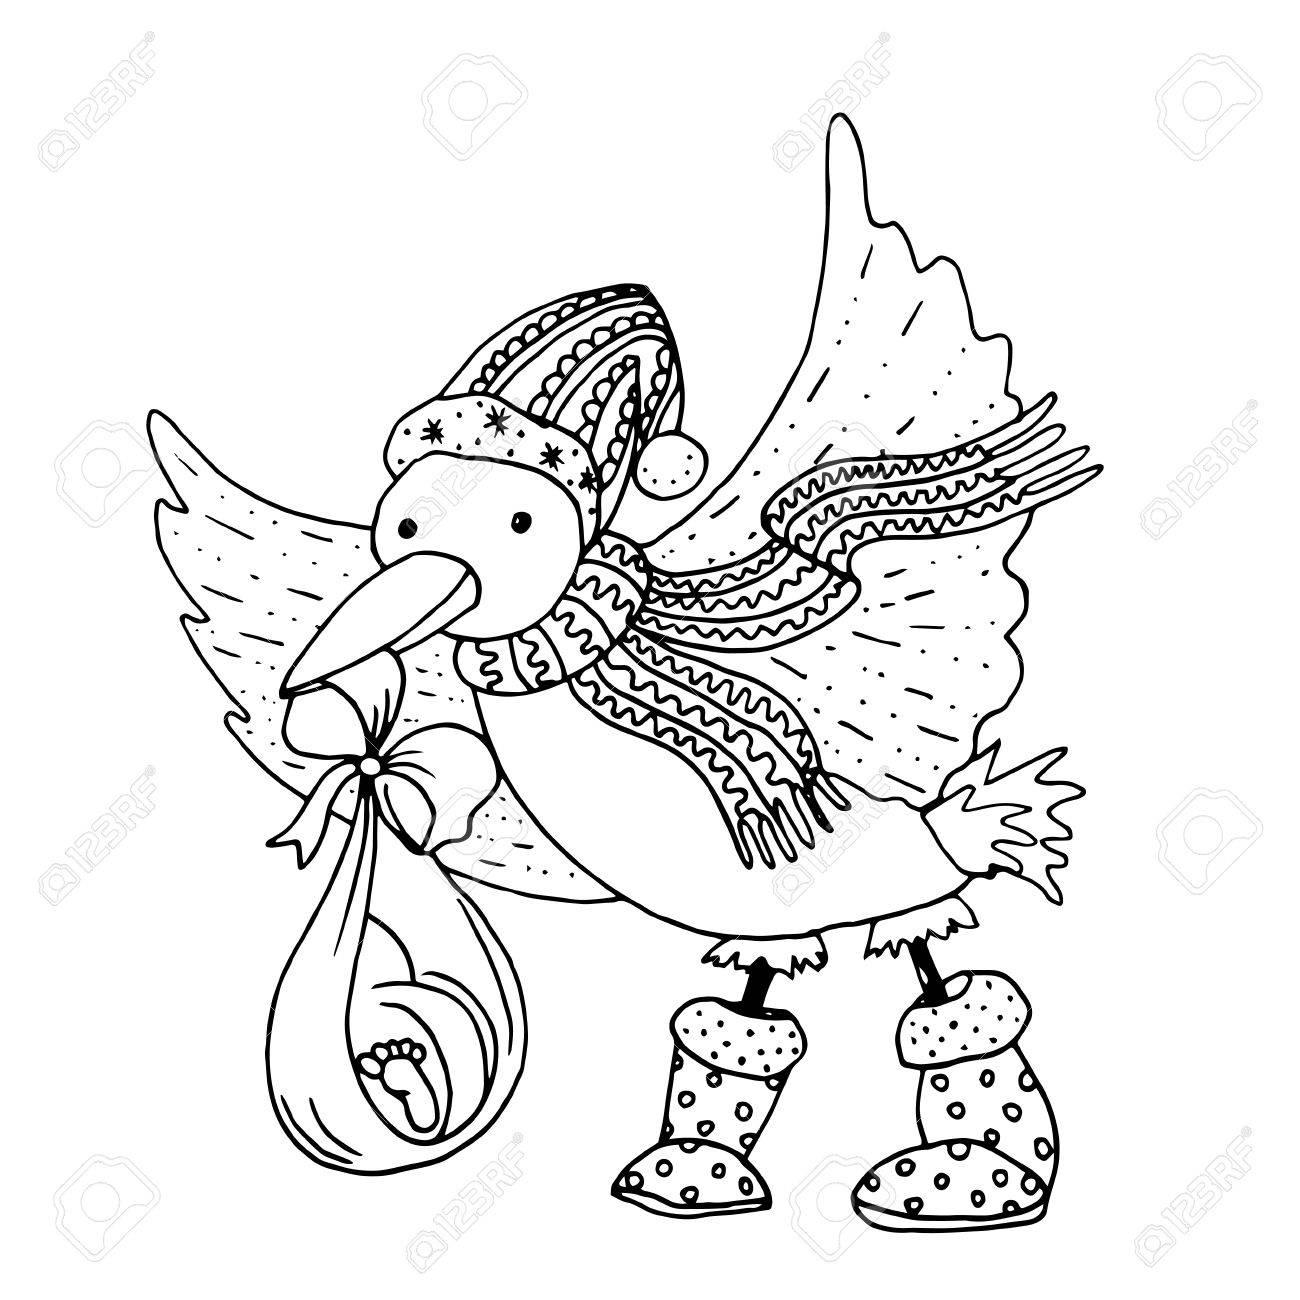 Negro Ilustración Vectorial De Color Mono Con El Pájaro Con La ...